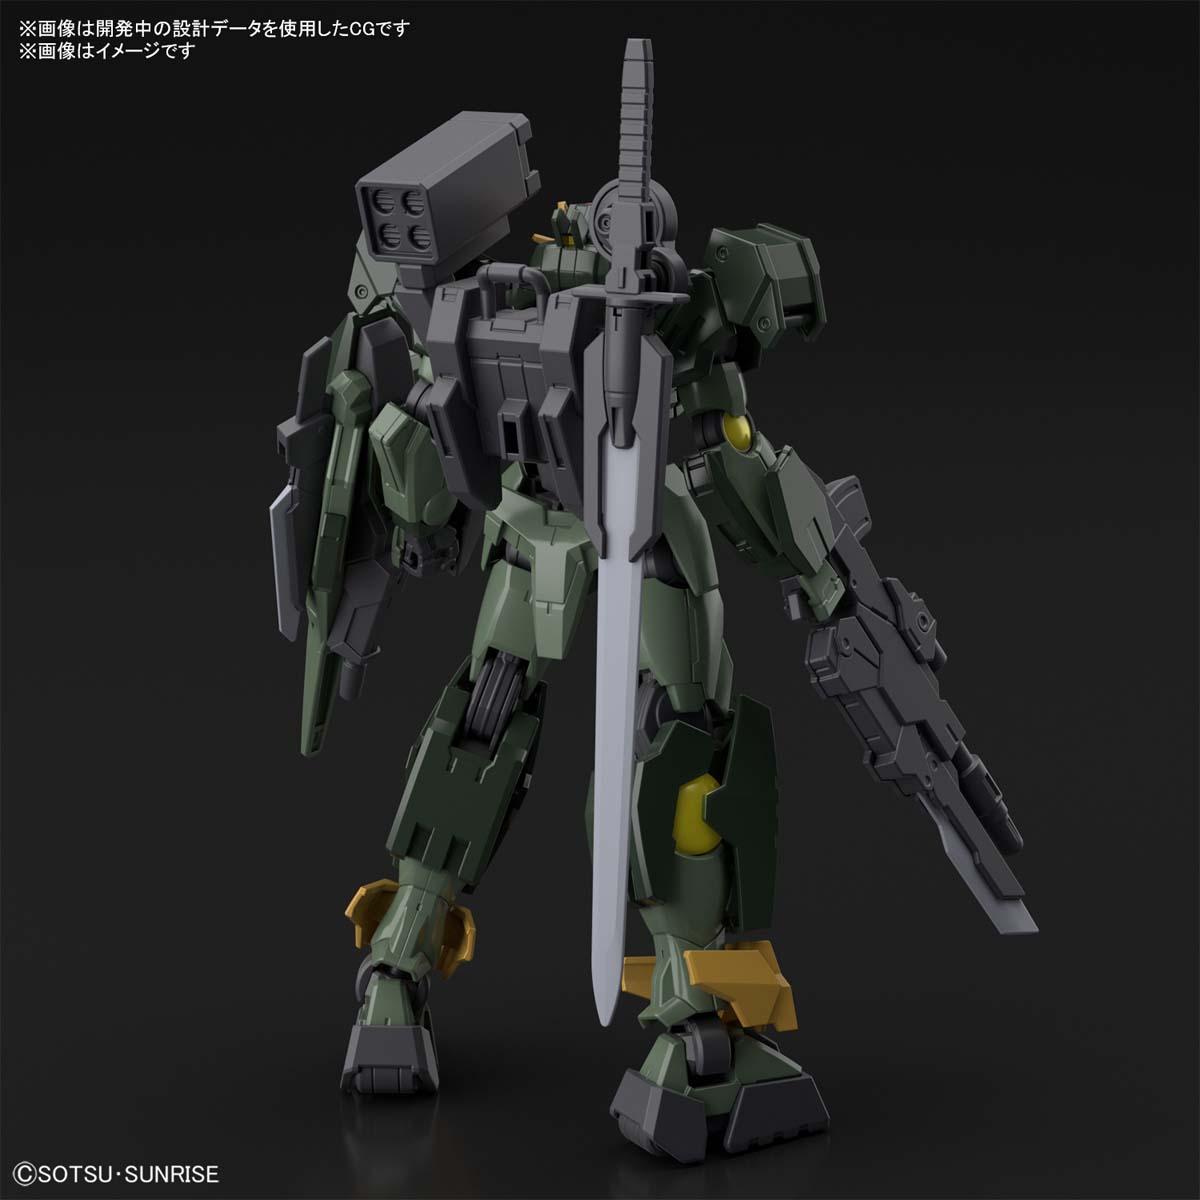 HG 1/144『ガンダムダブルオーコマンドクアンタ』ガンダムブレイカー バトローグ プラモデル-004